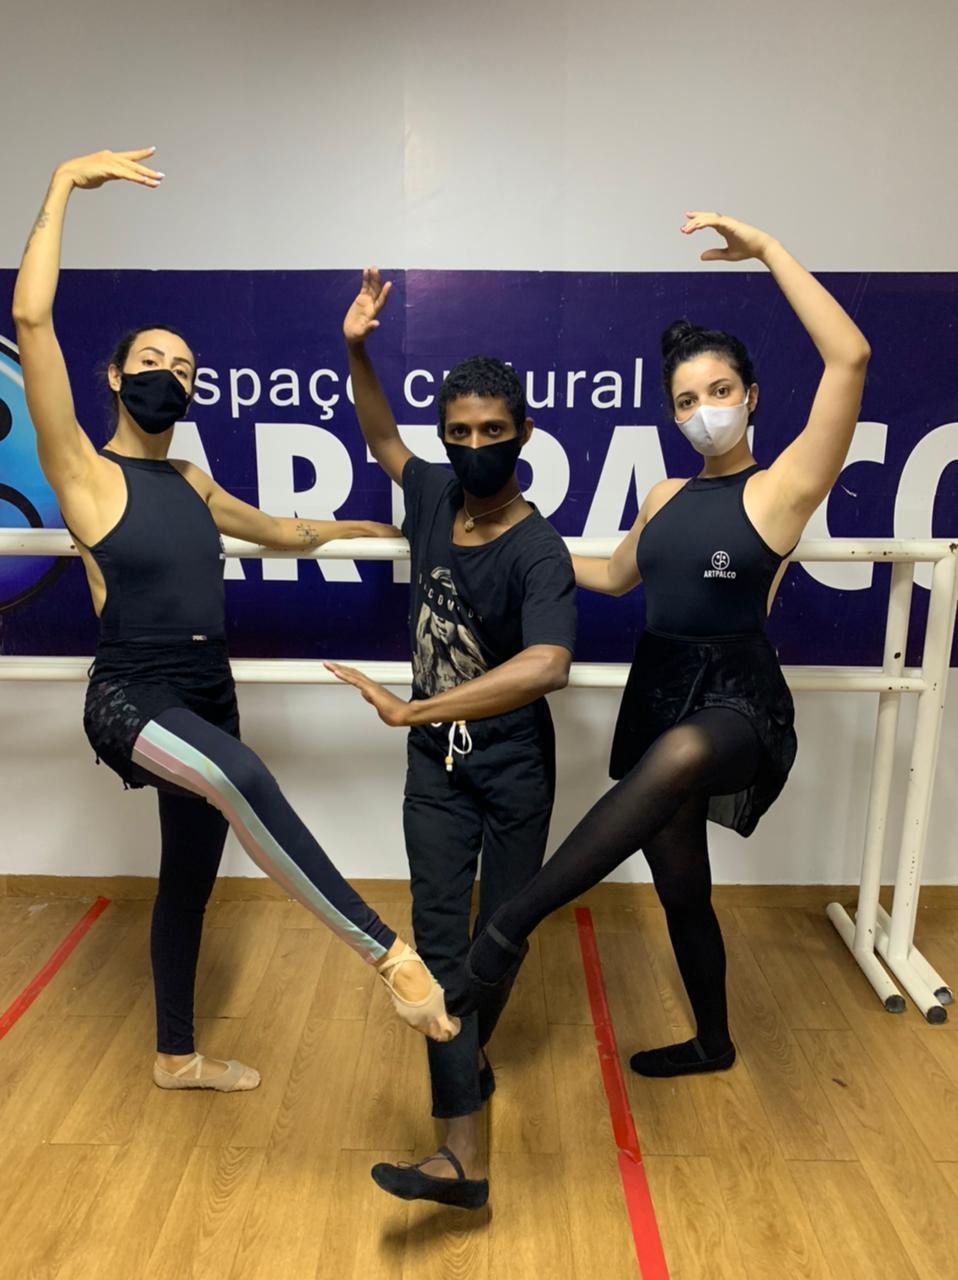 Workshop Viva & Dance oferece aulas gratuitas de diferentes modalidades de dança em Araguaína